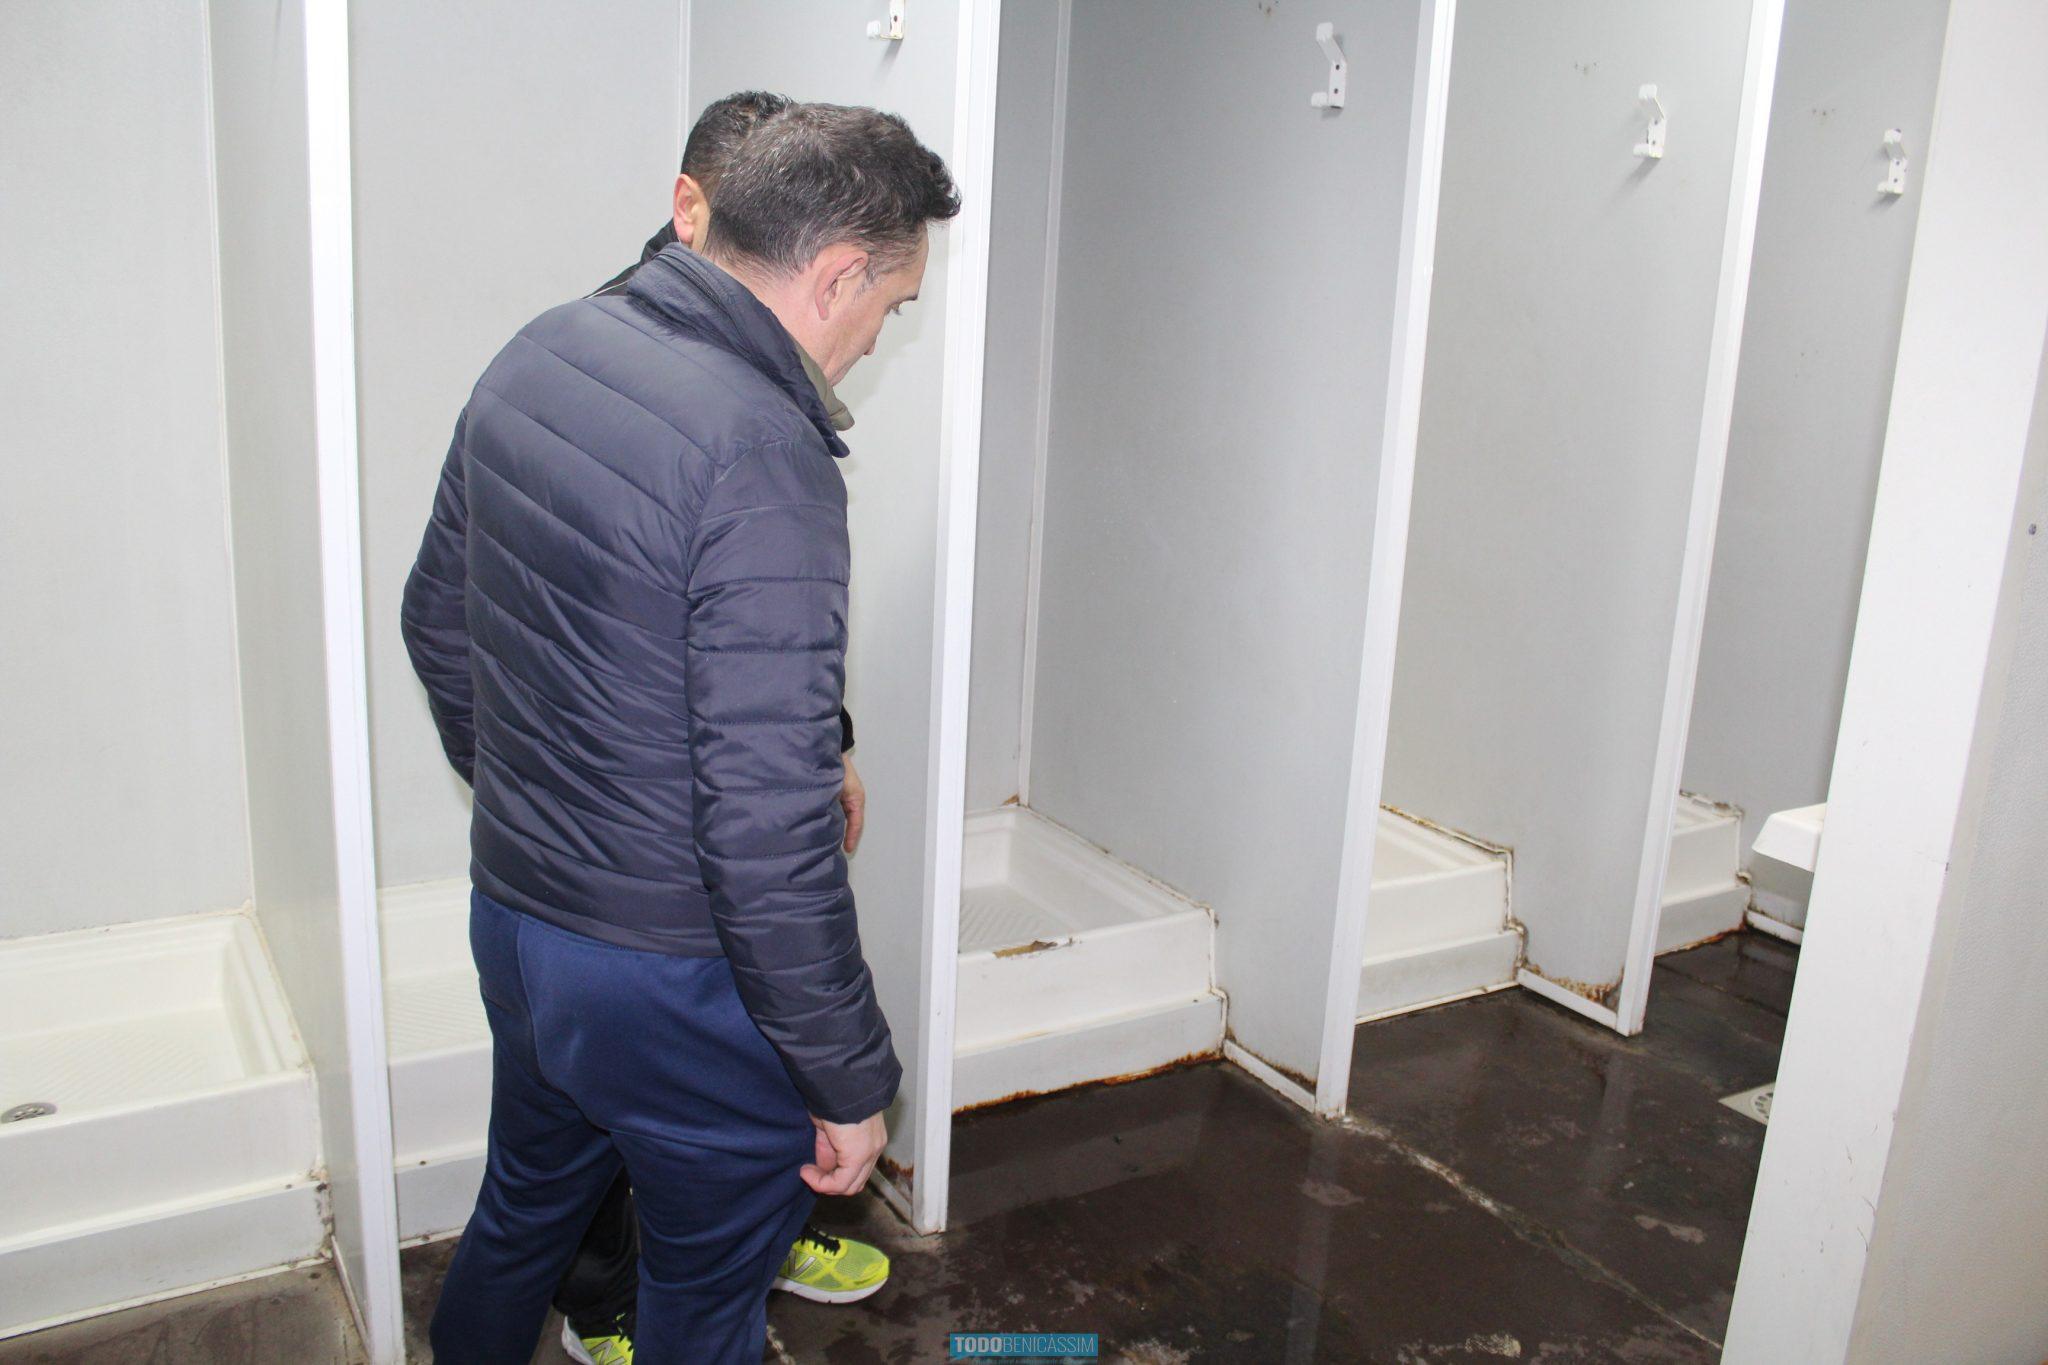 Fotos de jugadores de futbol en las duchas 24